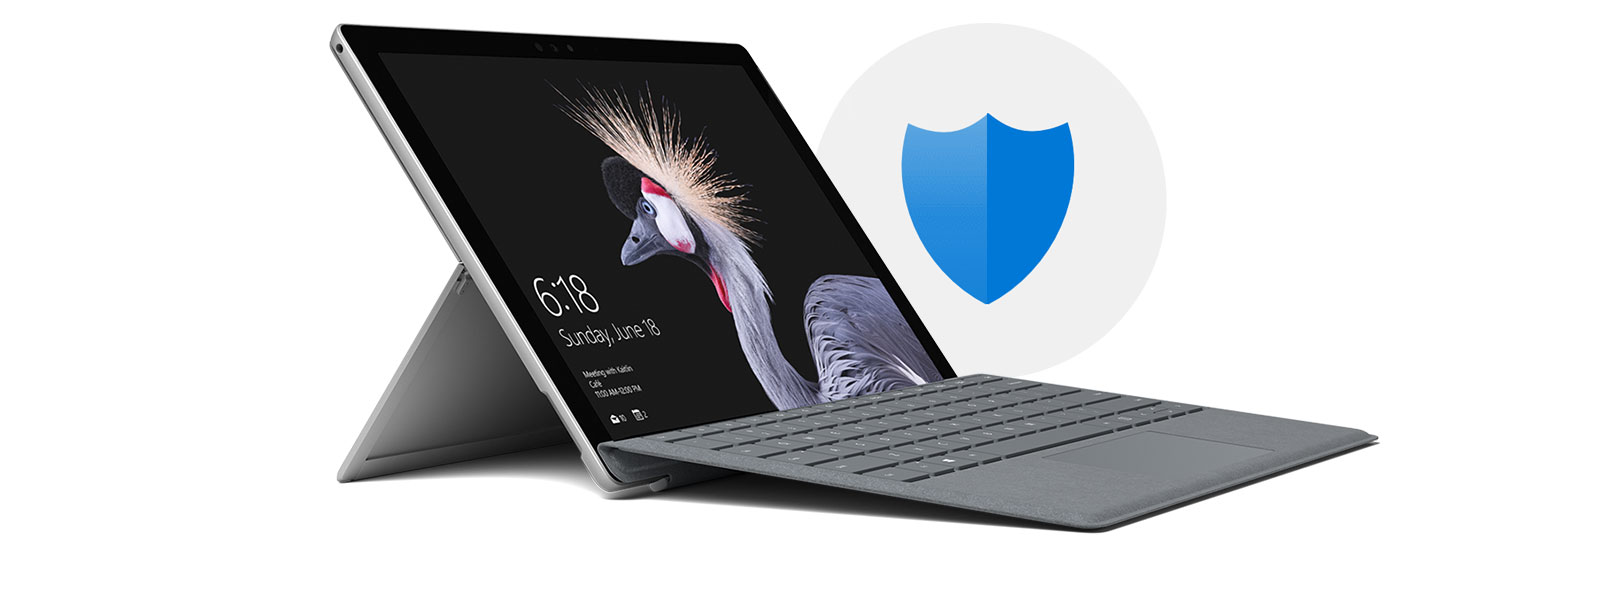 Surface Pro em modo de portátil virado para a direita, com o ecrã inicial e um ícone de proteção de segurança em segundo plano.